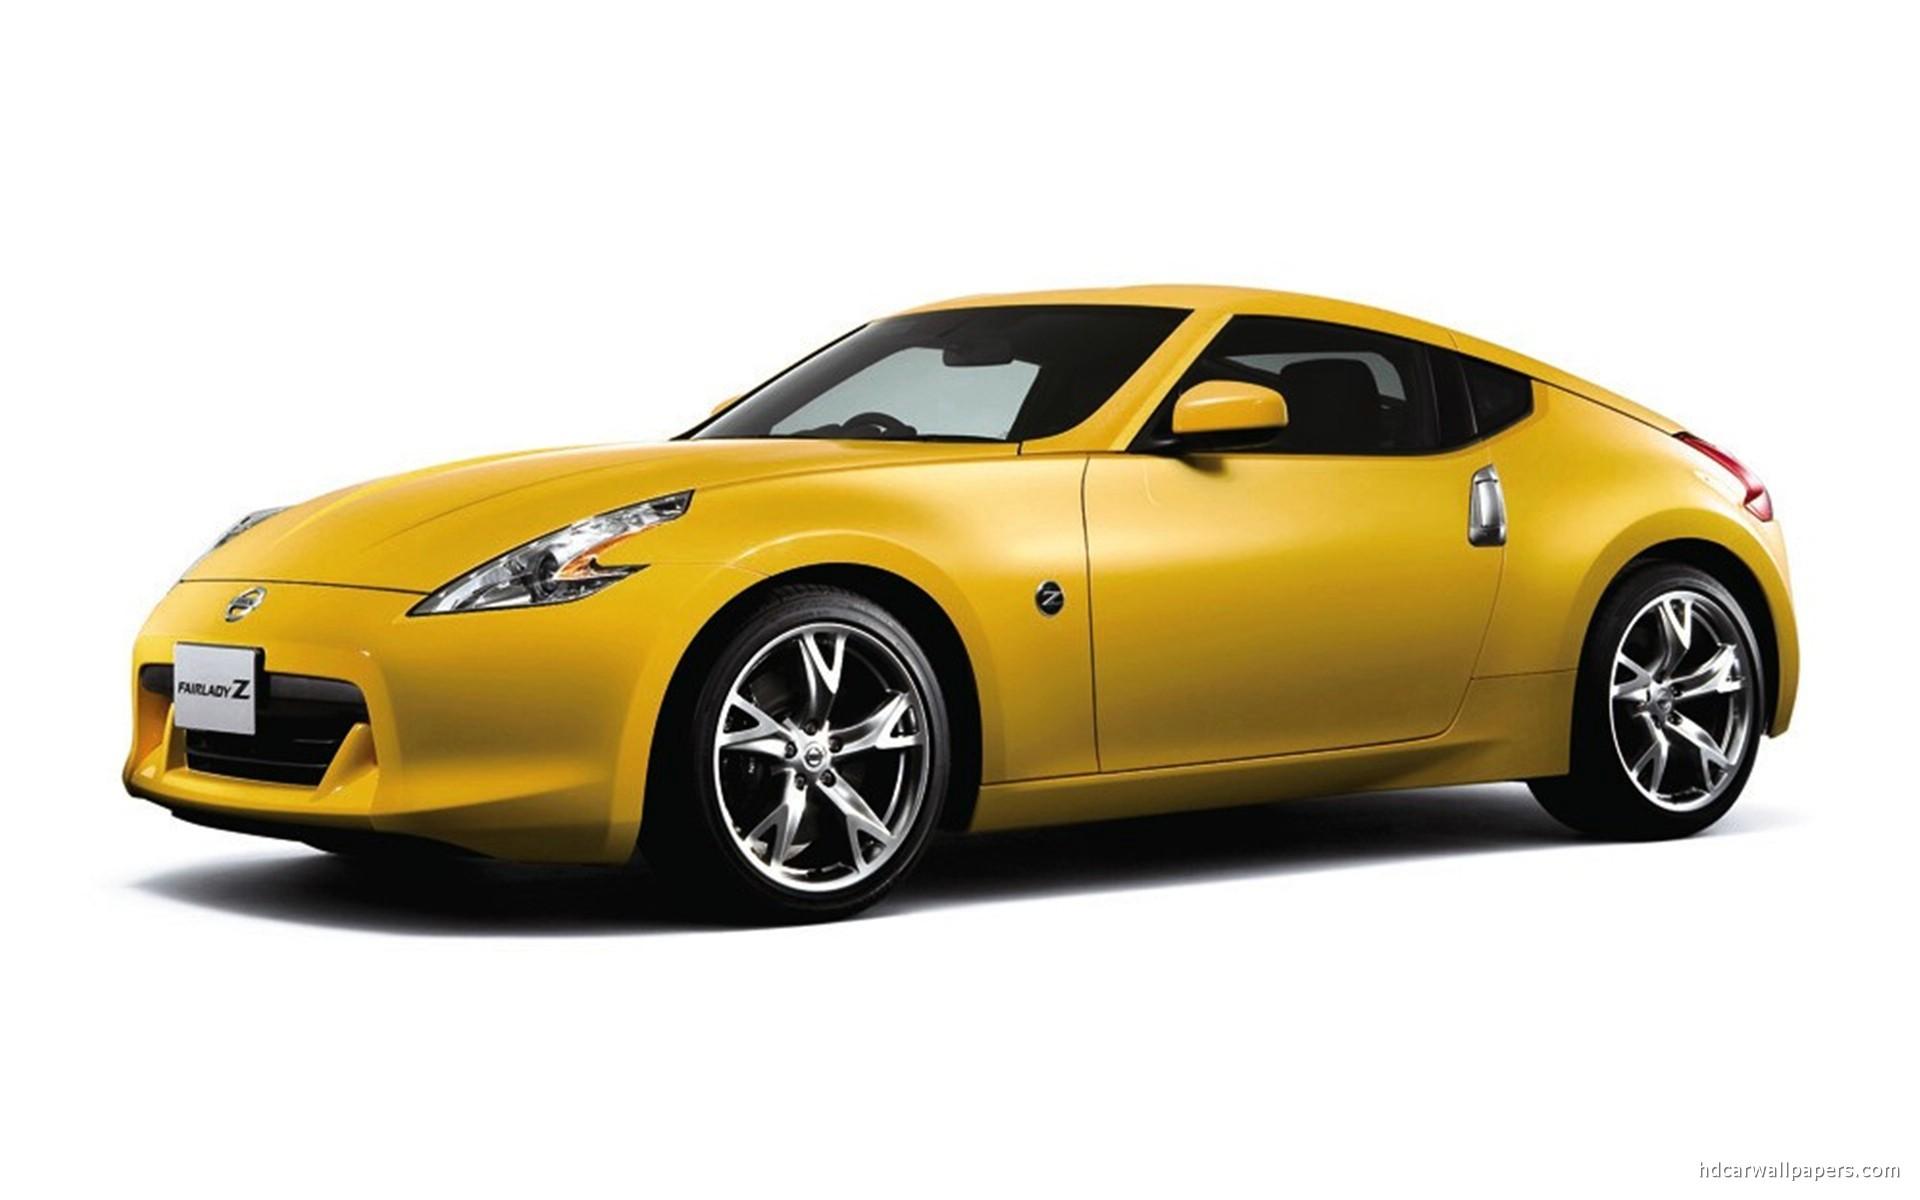 Cars Wallpaper Hd Lambo Ferrari Nissan Fairlady Z Yellow Wallpaper Hd Car Wallpapers